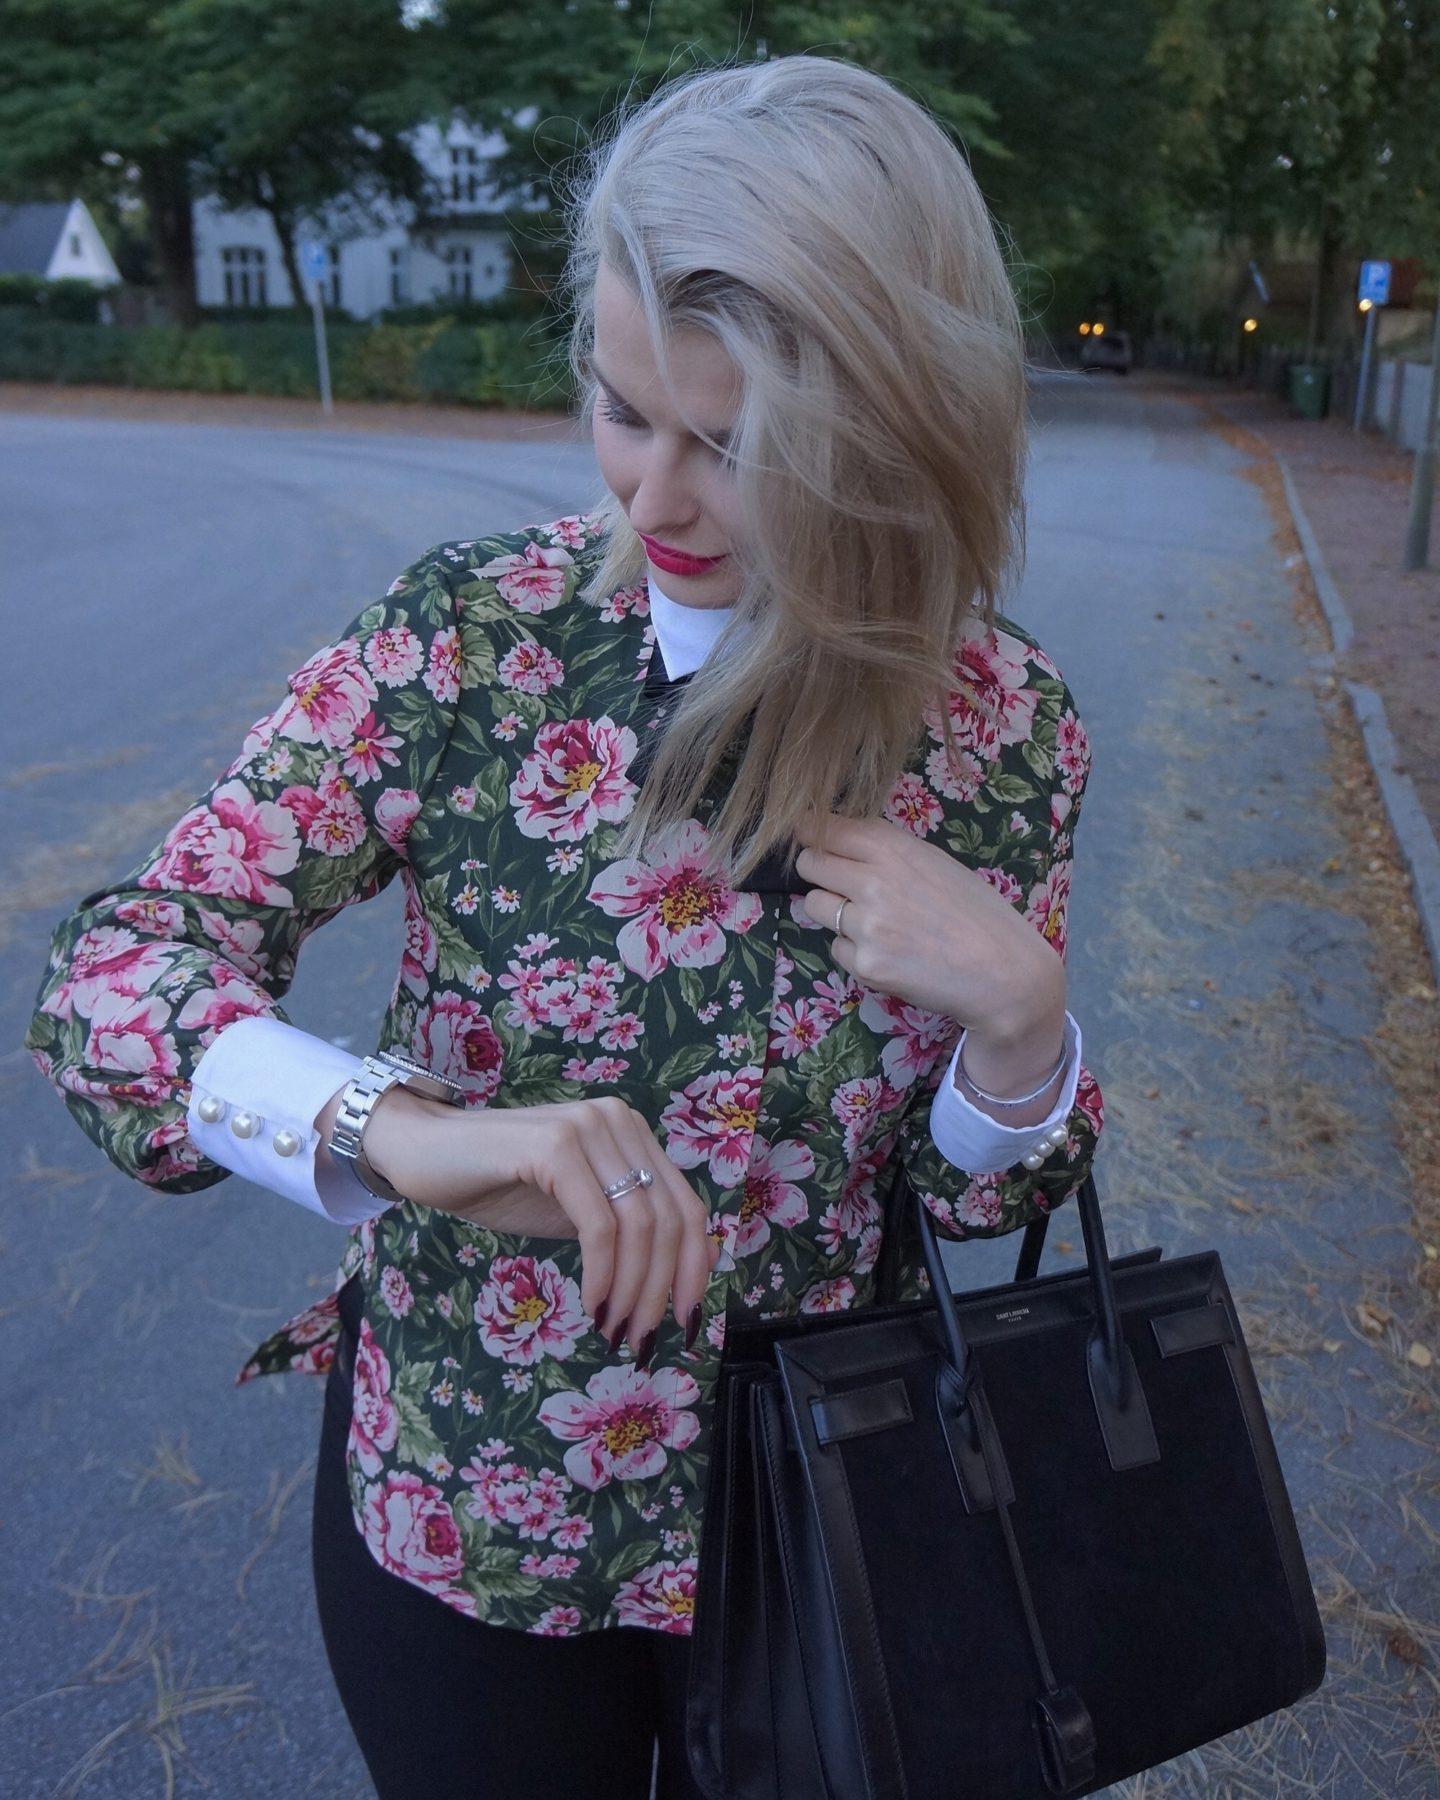 BLUS MED ROSETT   PÄRLOR - Anna Matkovich - bloggare i Malmö 48b0b433c19a1